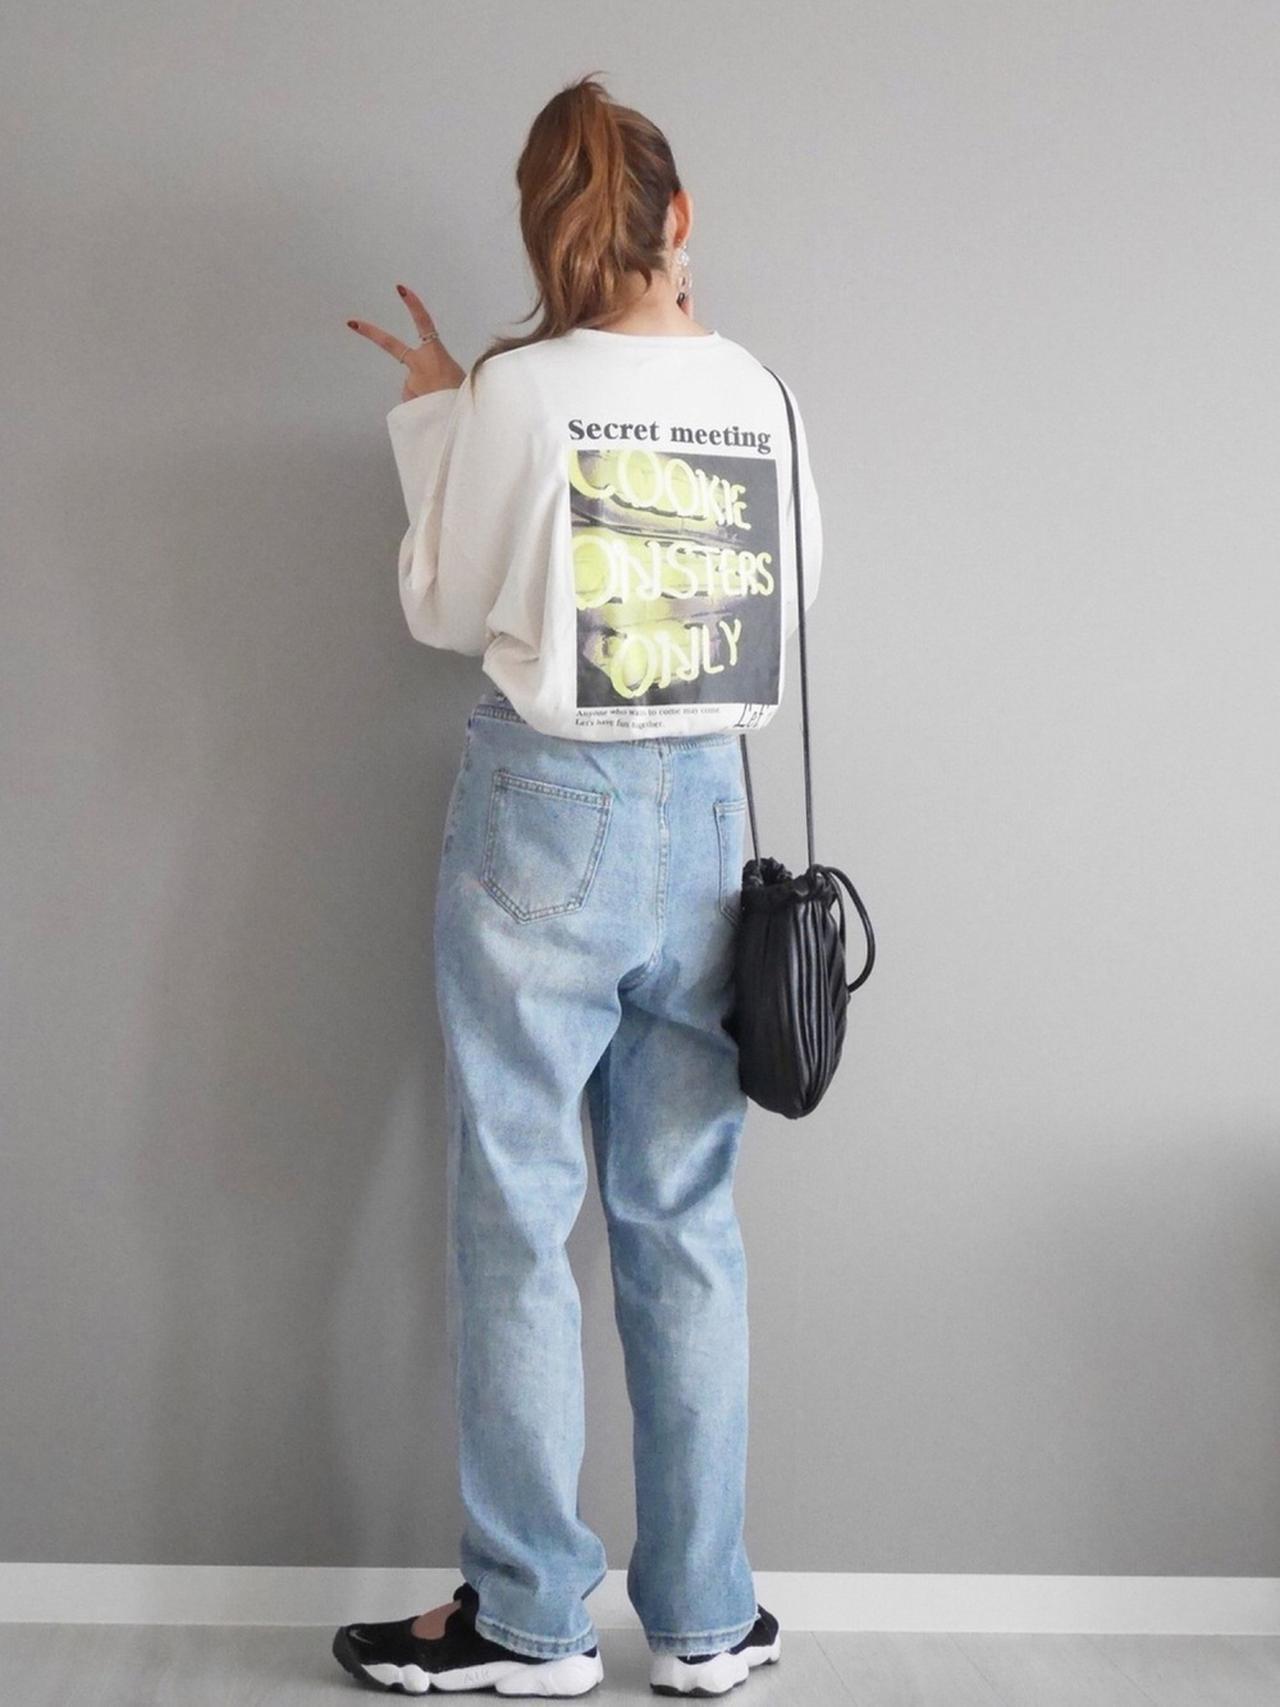 画像: 【CORNERS】ネオンフォトプリントビッグロングTシャツ 3,190円(税込)【CORNERS】ストレートデニムパンツ 2,970円(税込)【CORNERS】プリーツ巾着バック 4,290円(税込)【NIKE】NIKE ナイキ エア リフト ブリーズ 10,450円(税込)